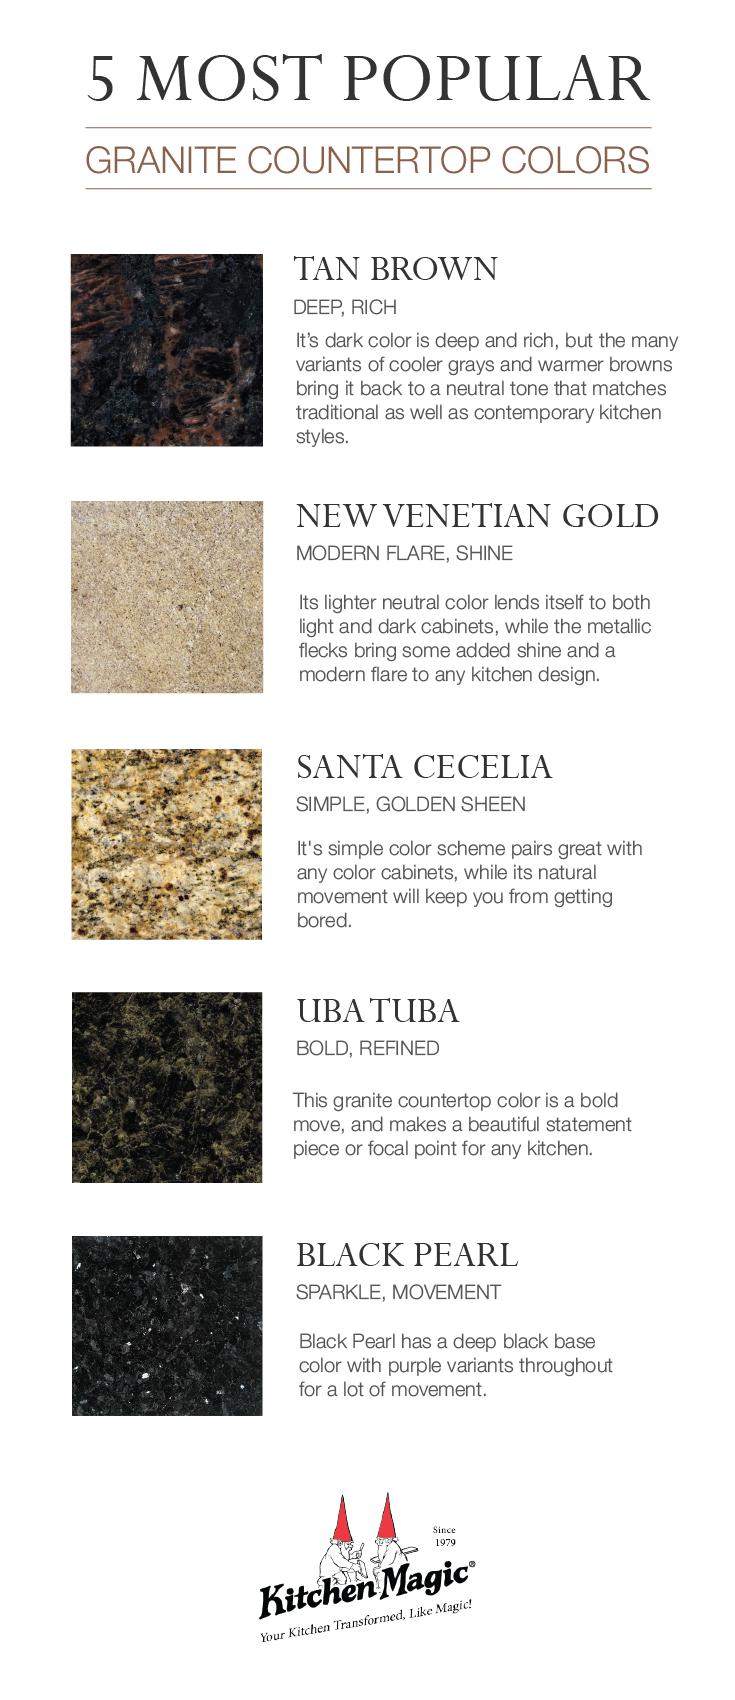 Most Popular Granite Countertop Colors Updated Granite Countertops Colors Black Granite Countertops Countertop Materials